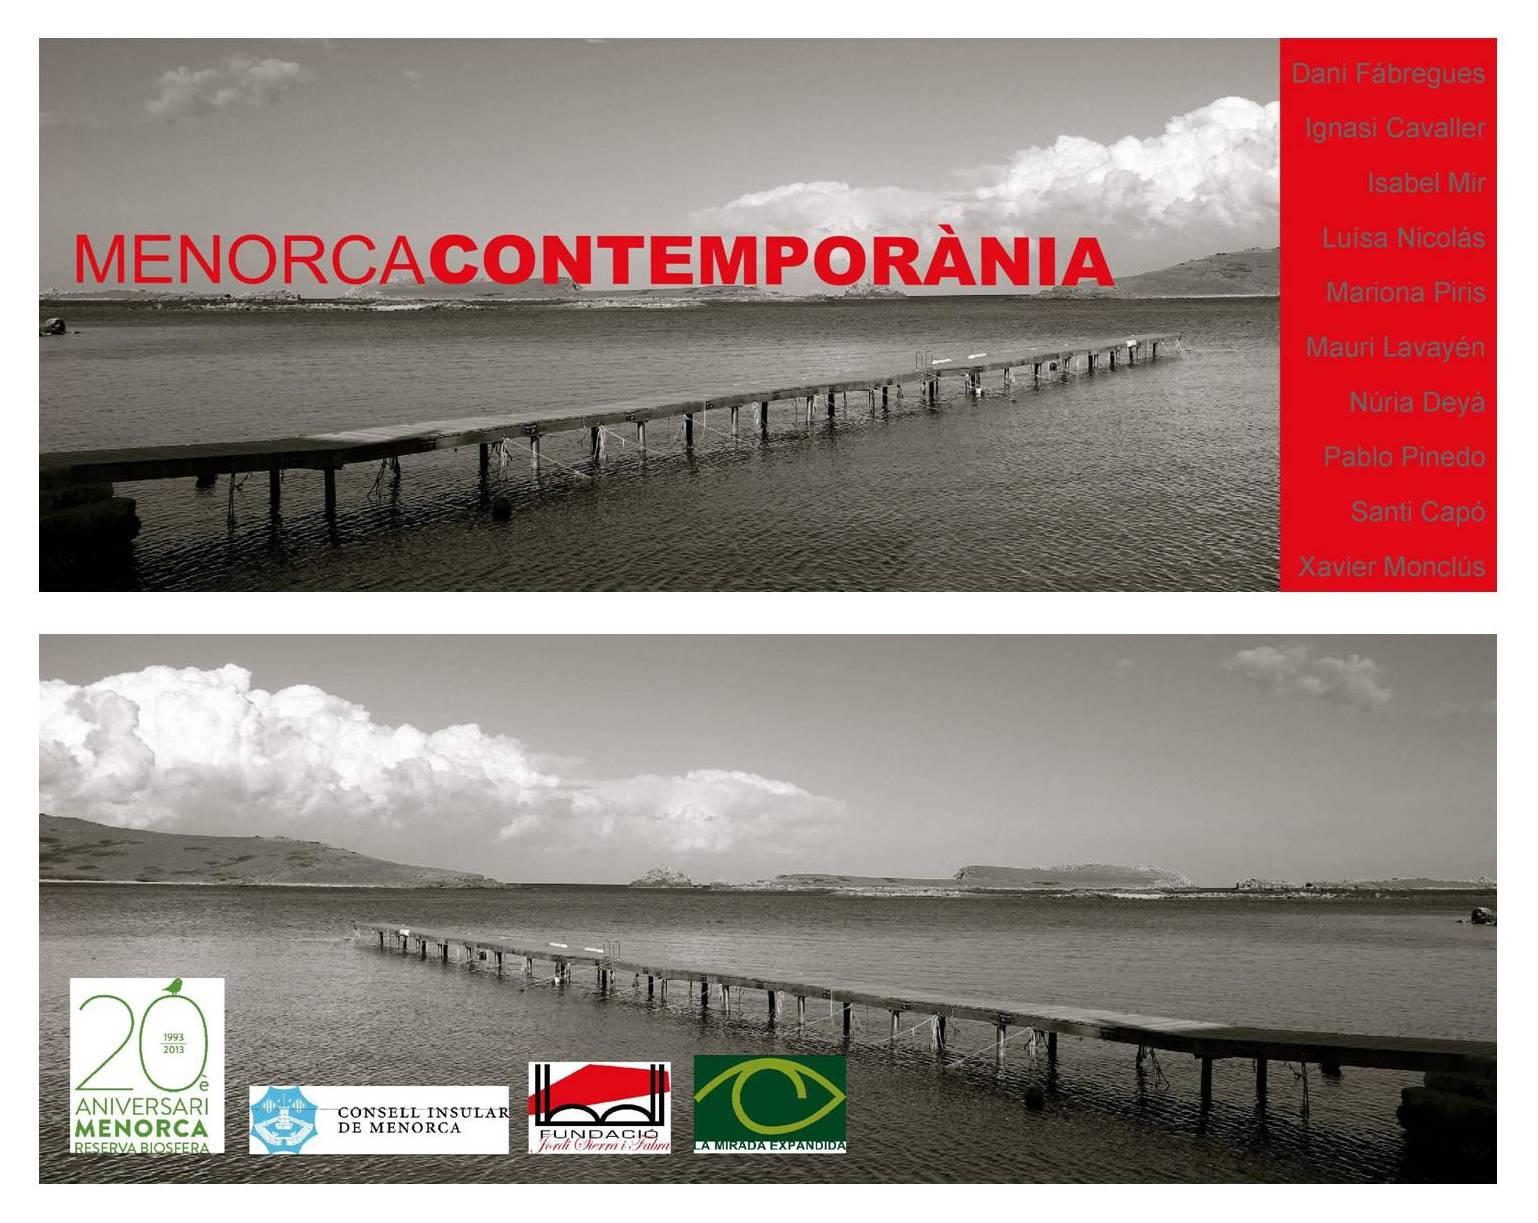 Contemporary Menorca exhibition in Barcelona